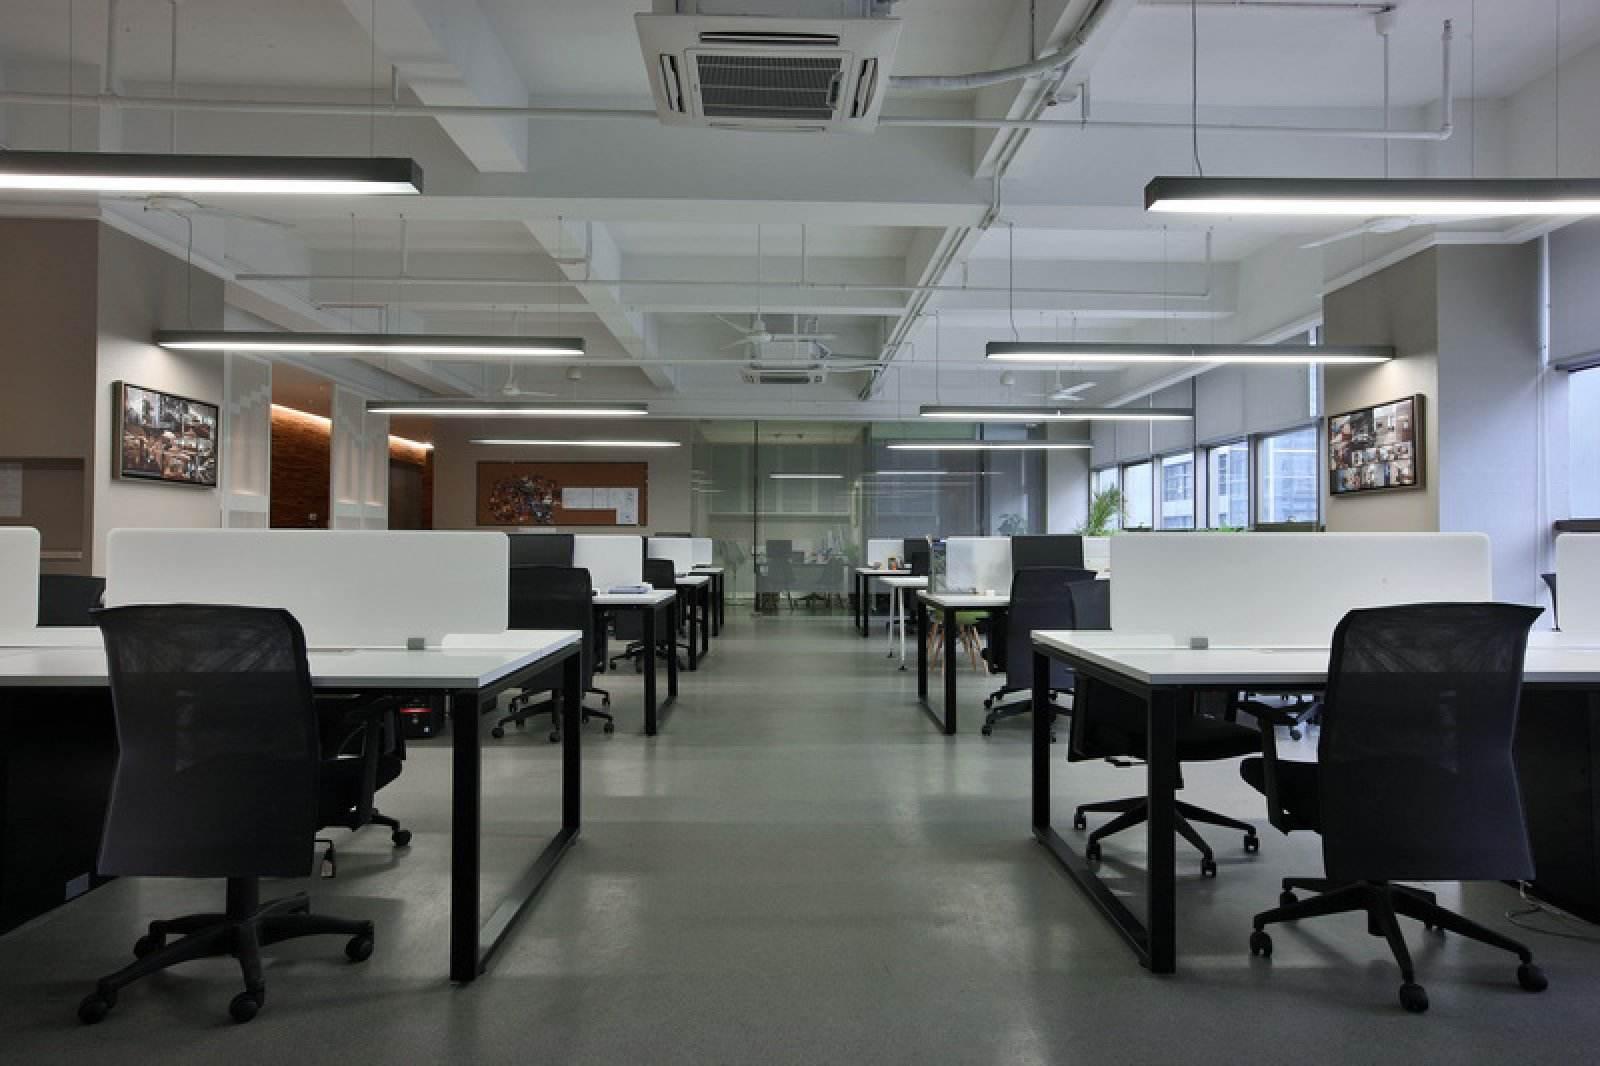 注重细节,选对风格 公司形象从办公家具开始